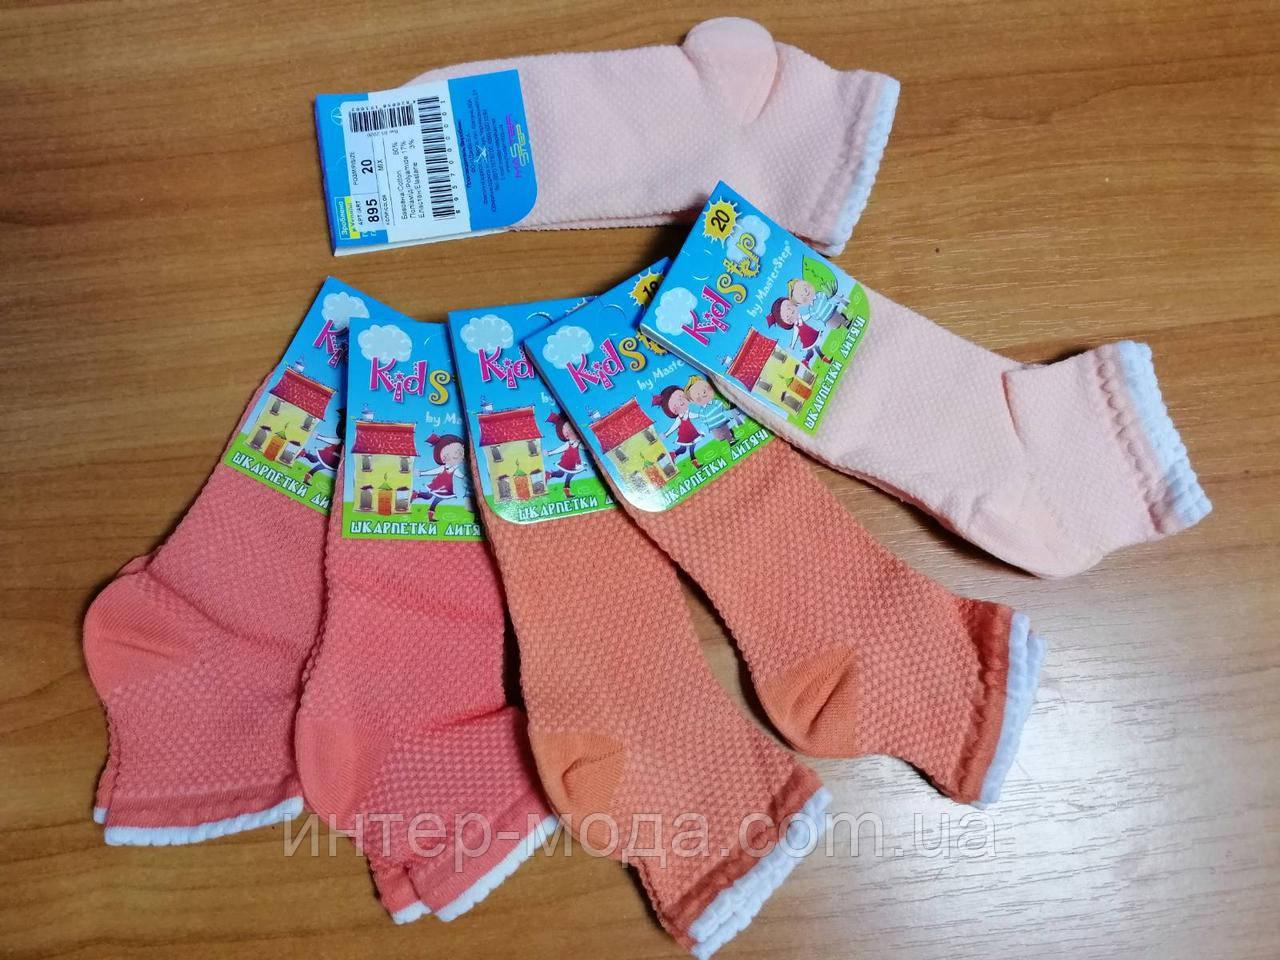 Дитячі ажурні шкарпетки р. 14 арт.895